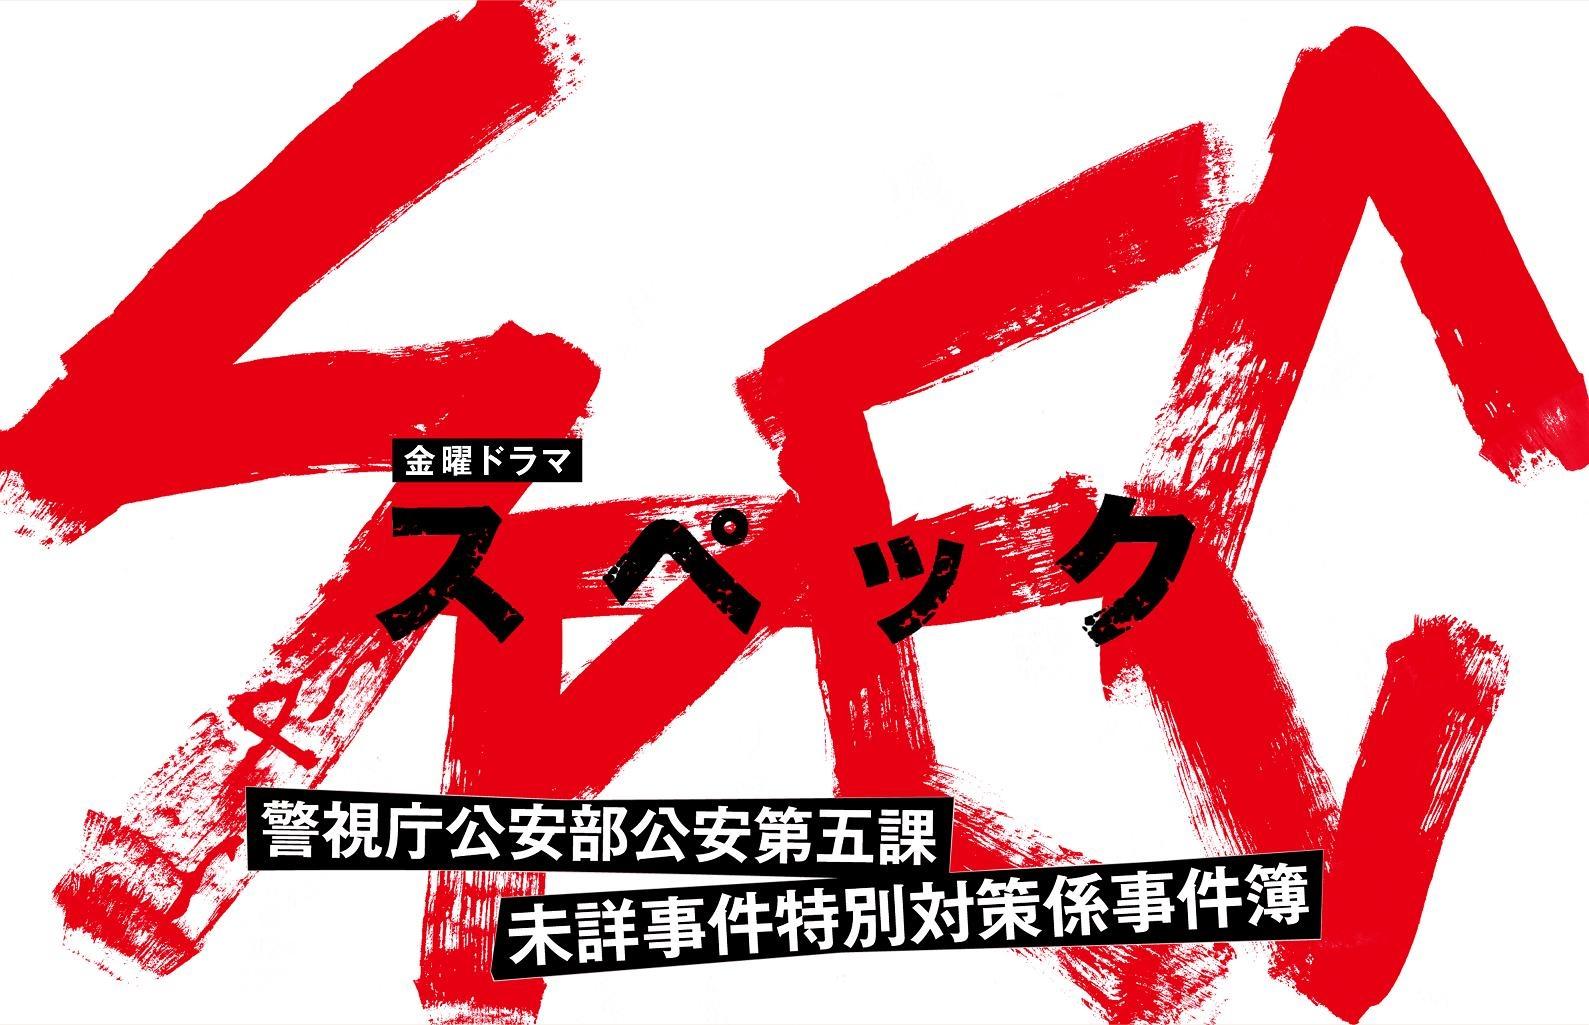 ドラマ「SPEC」の主題歌「NAMInoYUKUSAKI」が気に入ったので訳してみた。